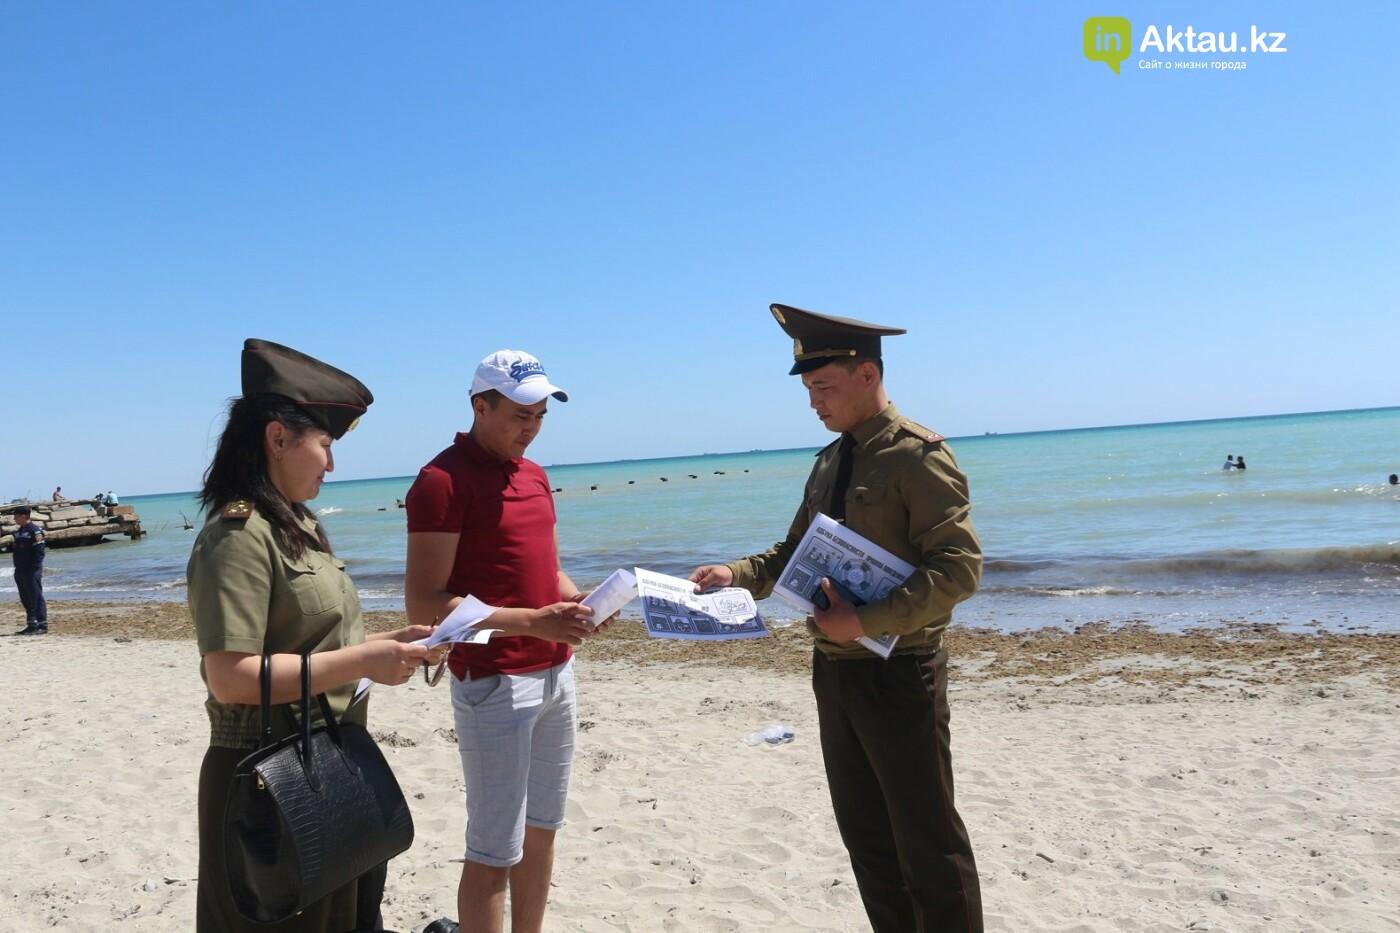 В Актау спасатели на пляжах распространяют памятки поведения на воде, фото-1